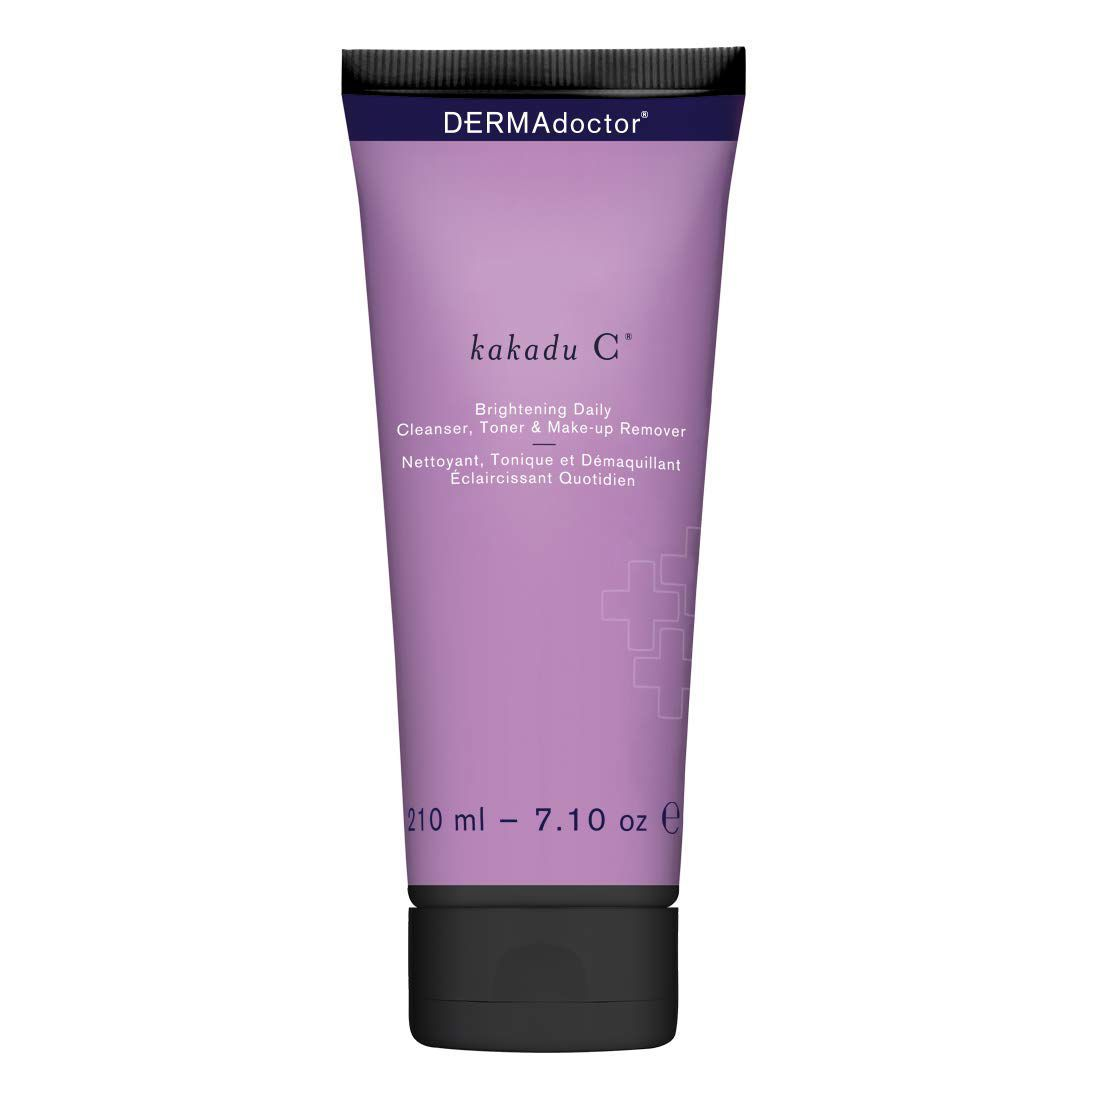 purple bottle with dark purple text